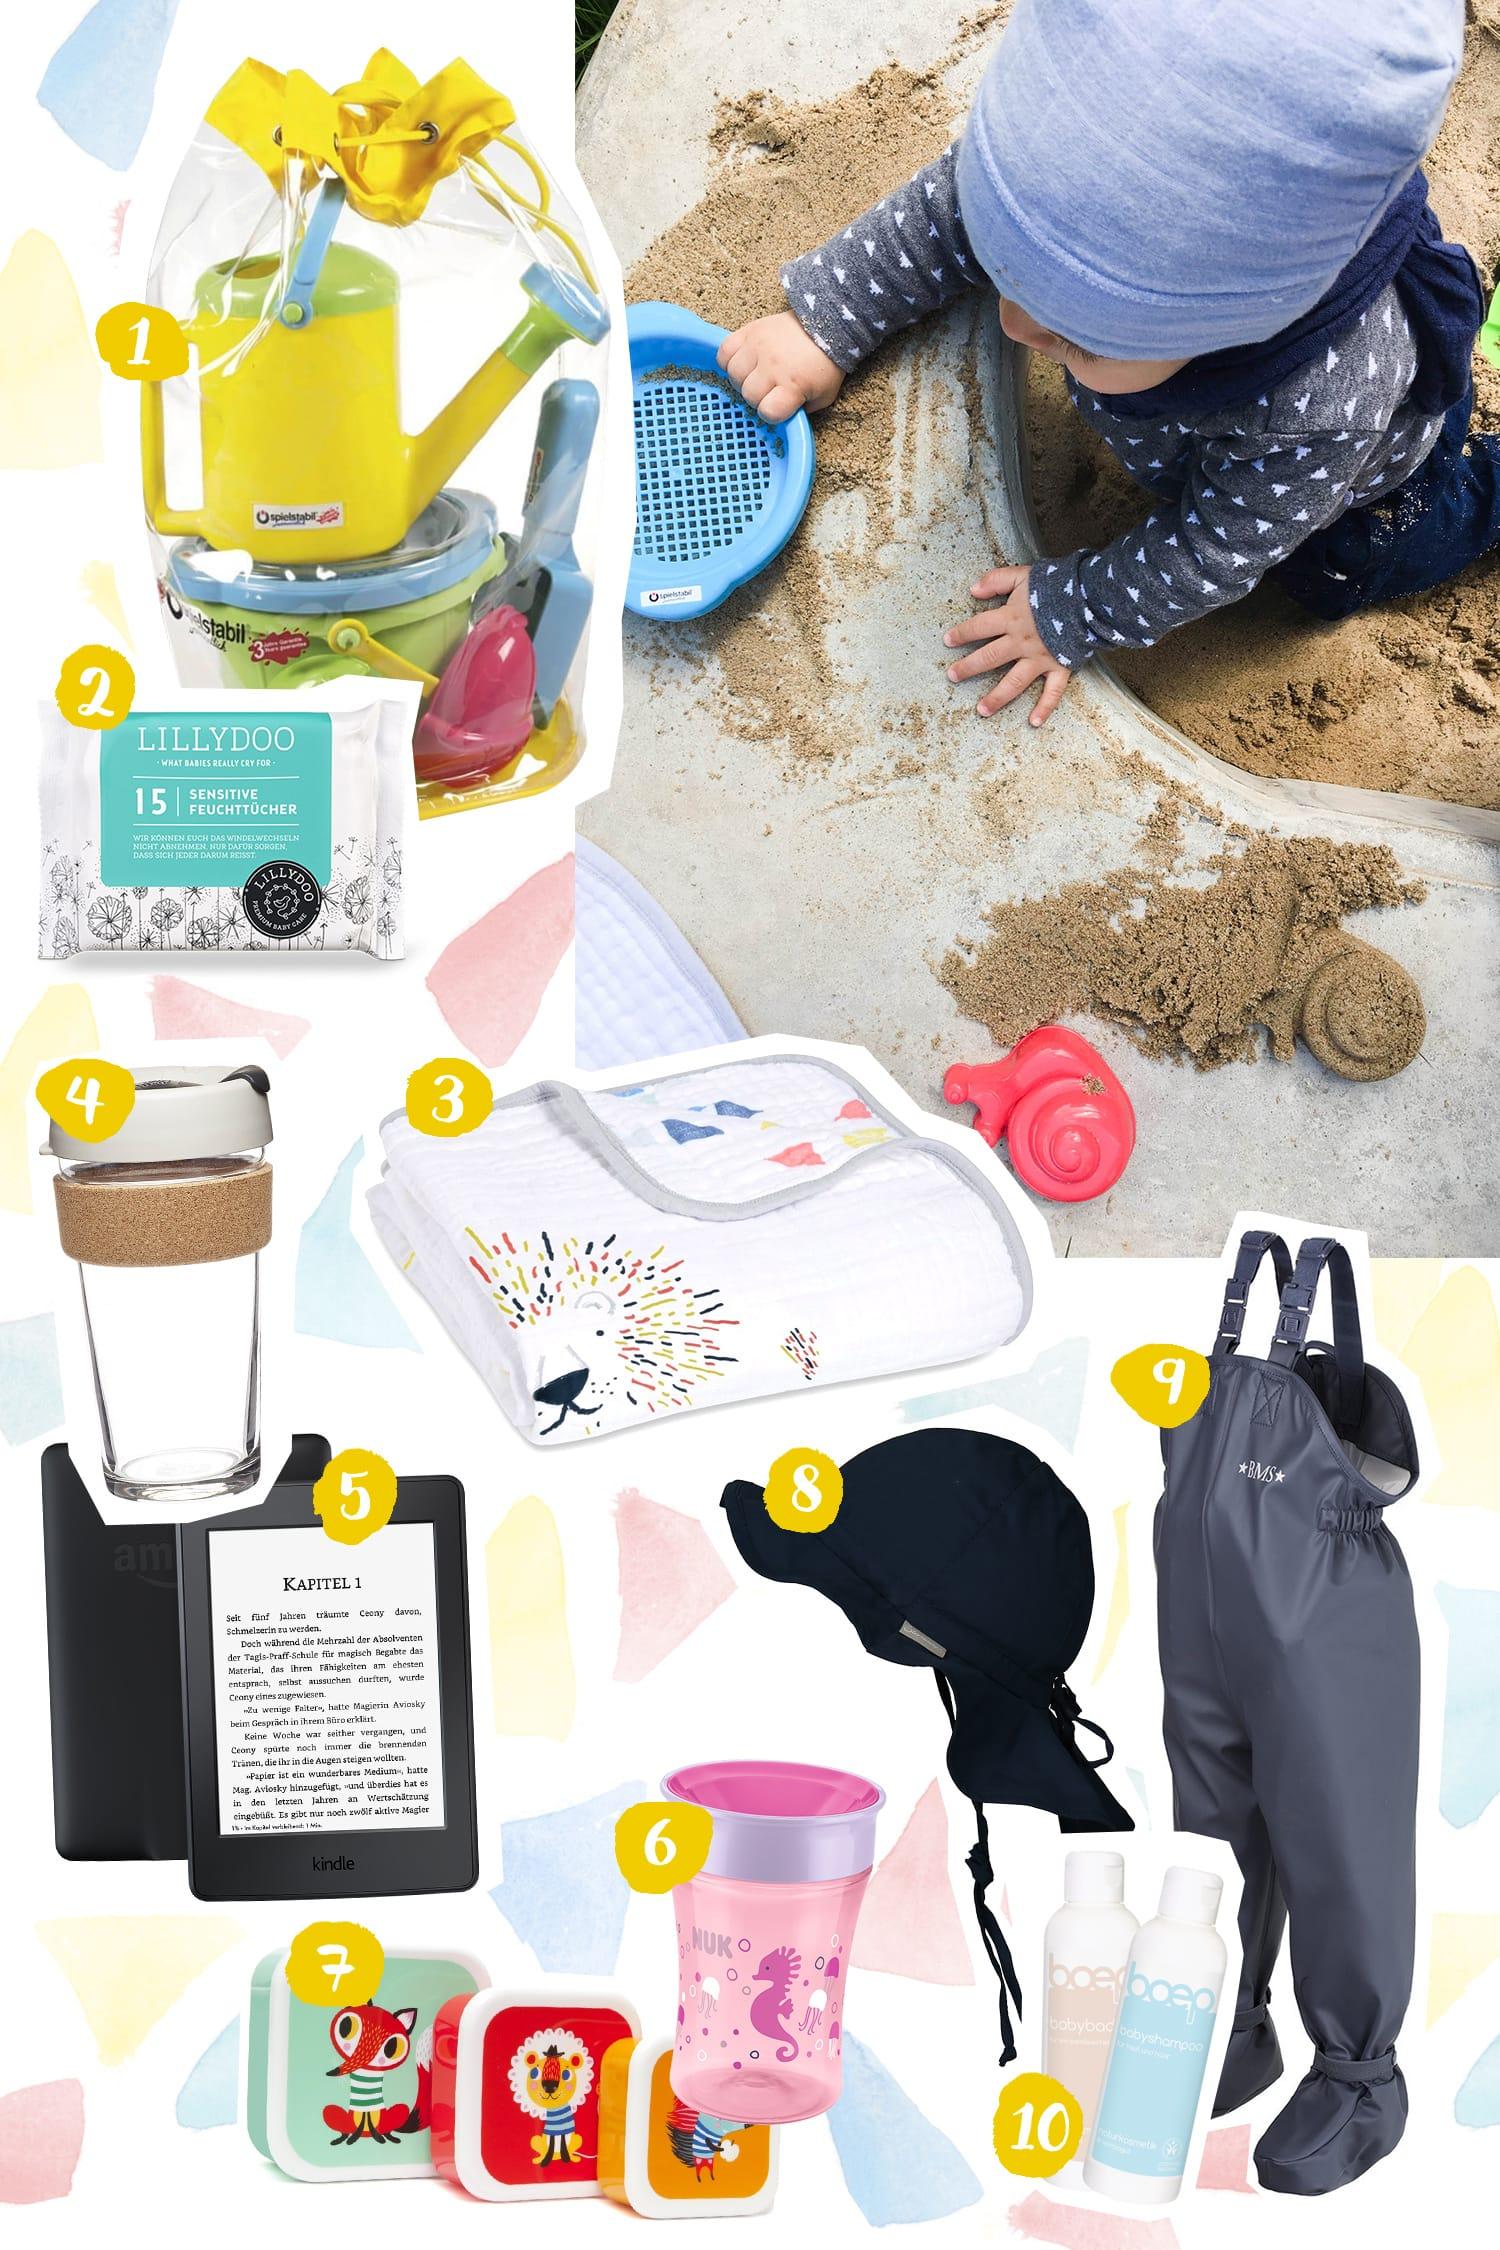 Spielplatzkind | Unsere Essentials für einen Ausflug in die Sandkiste | Essential | Whishlist